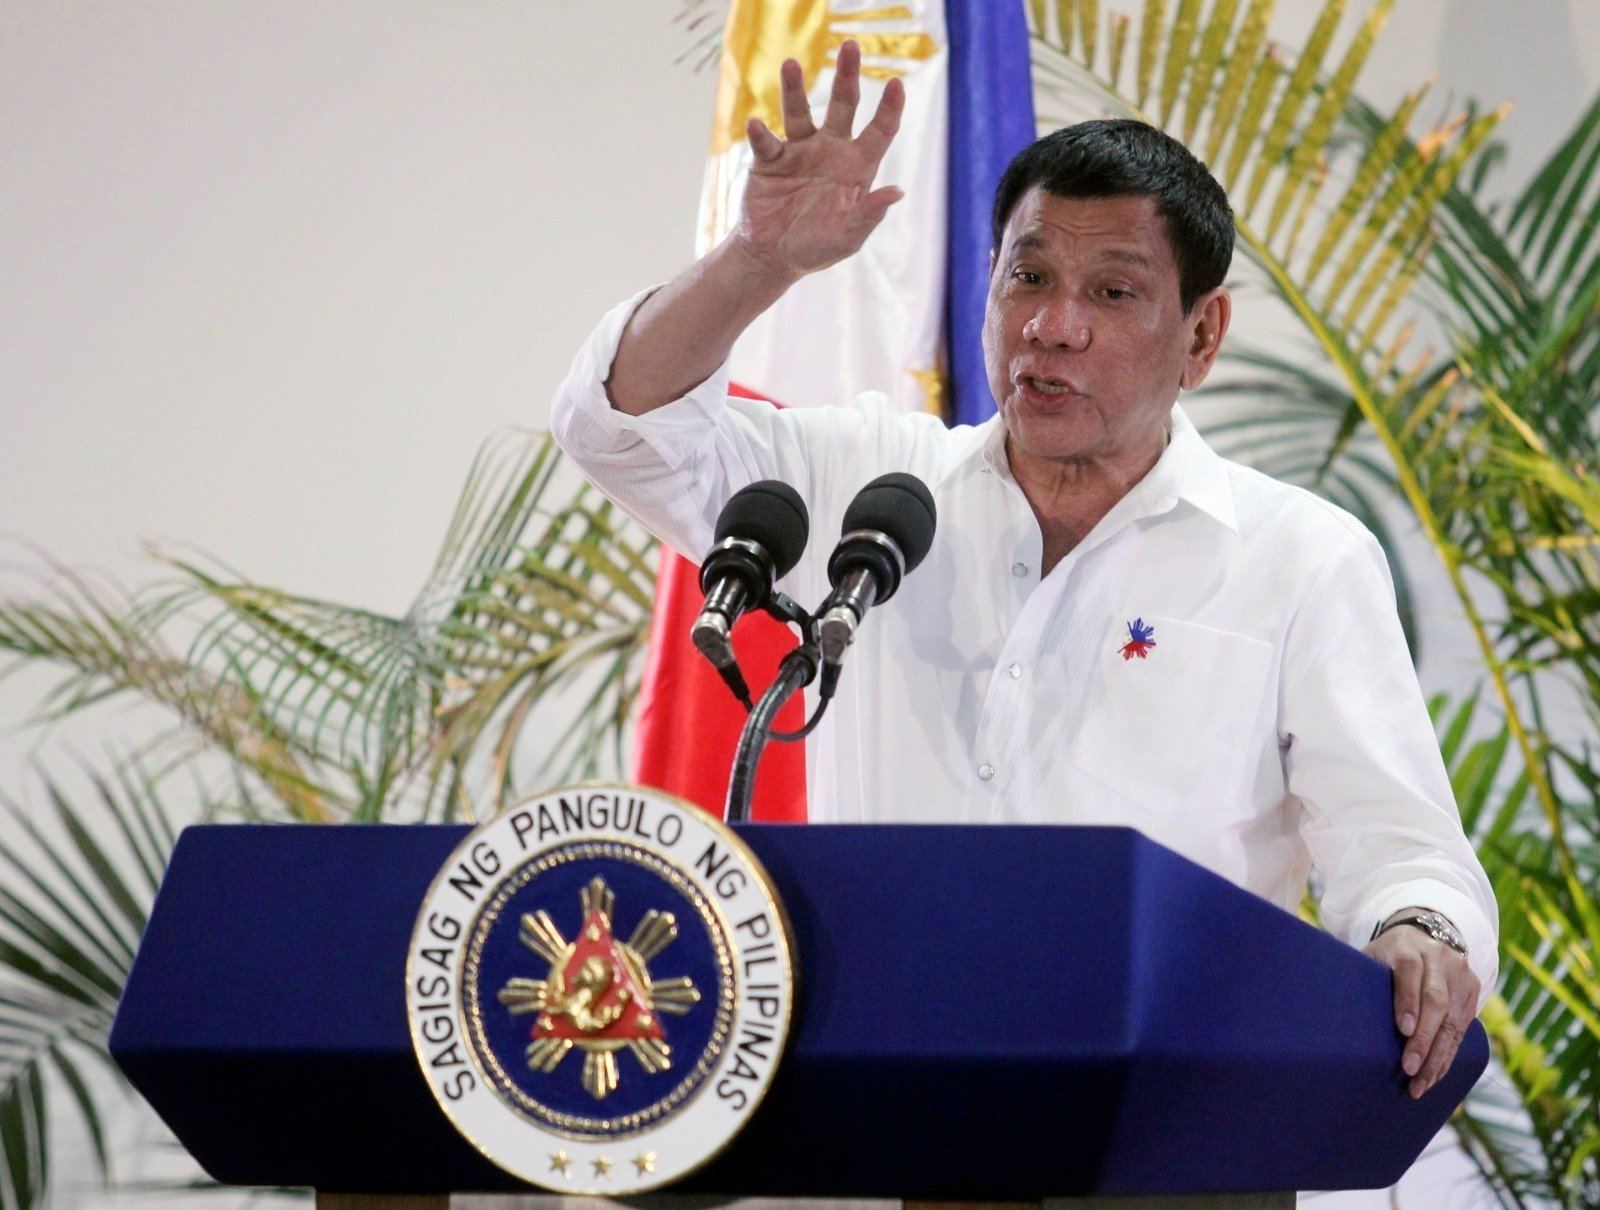 Manilos galionų prekybos sistema